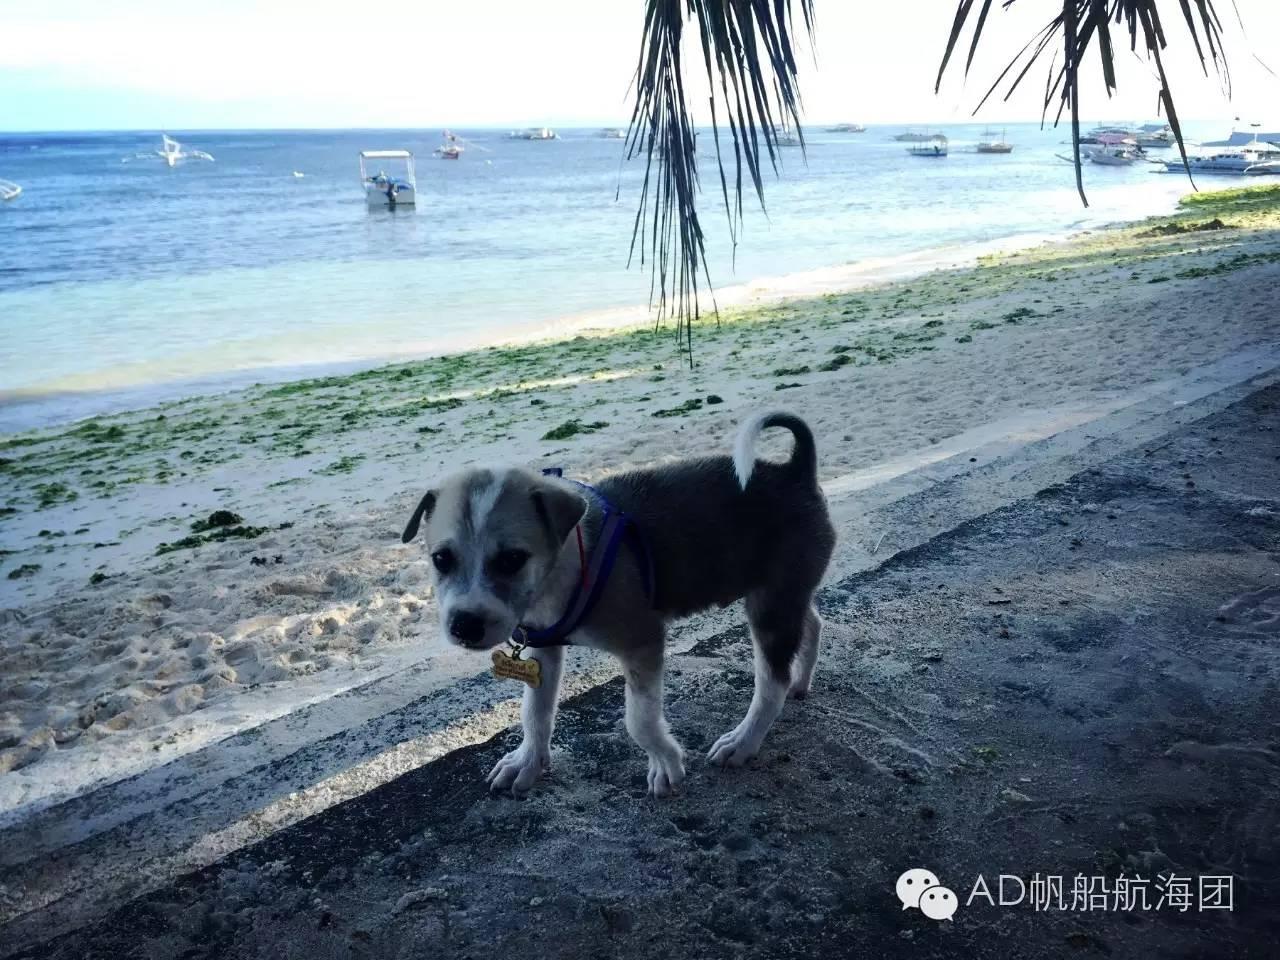 与航海无关—一只水手狗的羁绊 6d67f5ed66e304f870a095261e7673b4.jpg